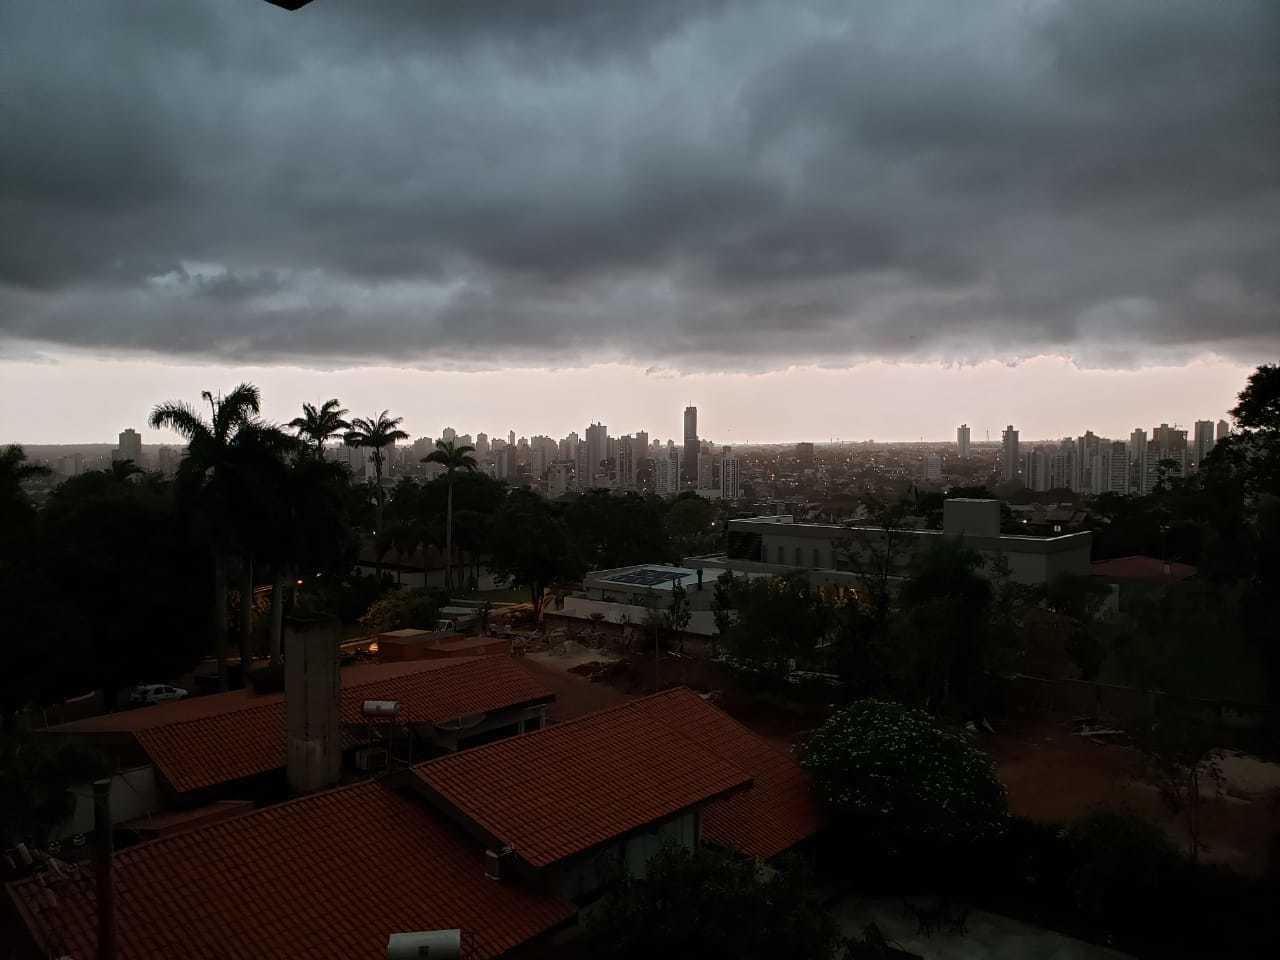 Visão por volta das 10 horas do Bairro Vilas Boas. (Foto: Direto das Ruas)